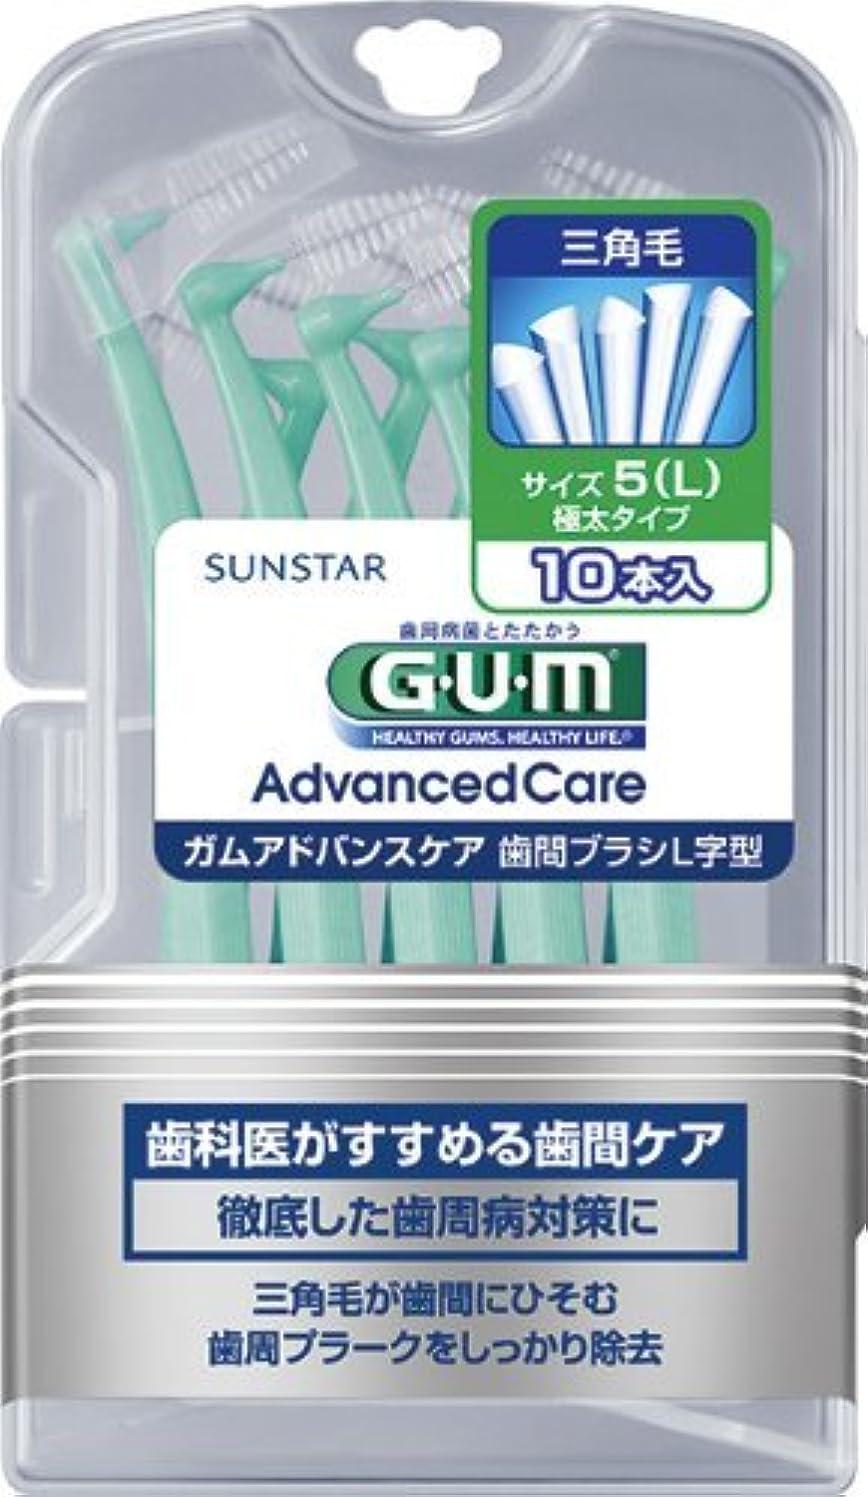 ネコ機関車唯物論サンスター GUM(ガム) 歯間ブラシ L字型 (L) 10本入り×60点セット (4901616212053)